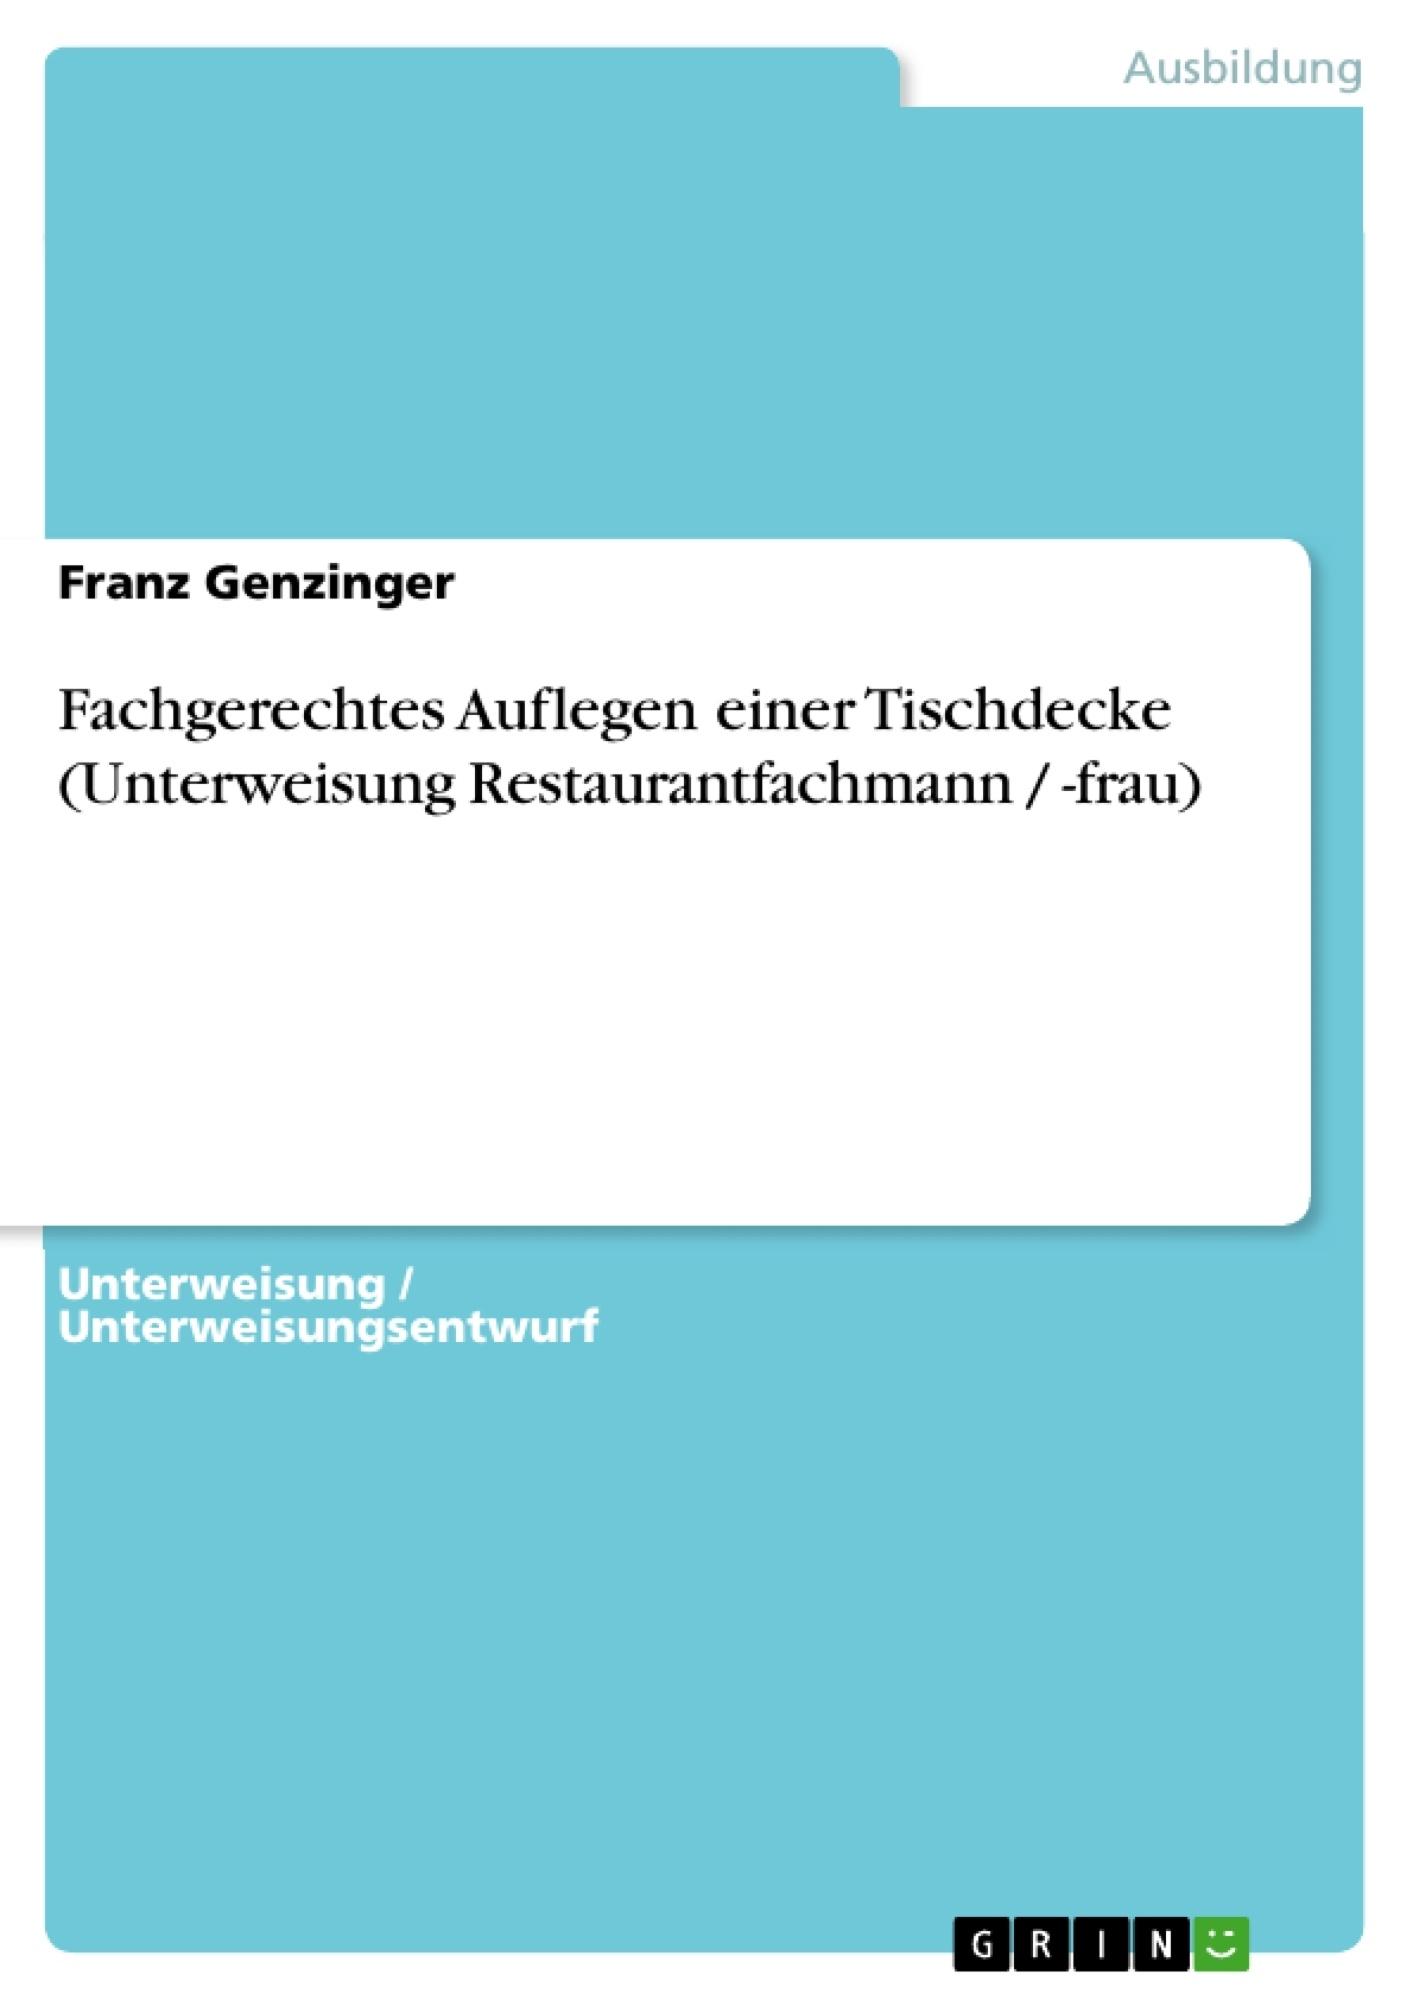 Titel: Fachgerechtes Auflegen einer Tischdecke (Unterweisung Restaurantfachmann / -frau)